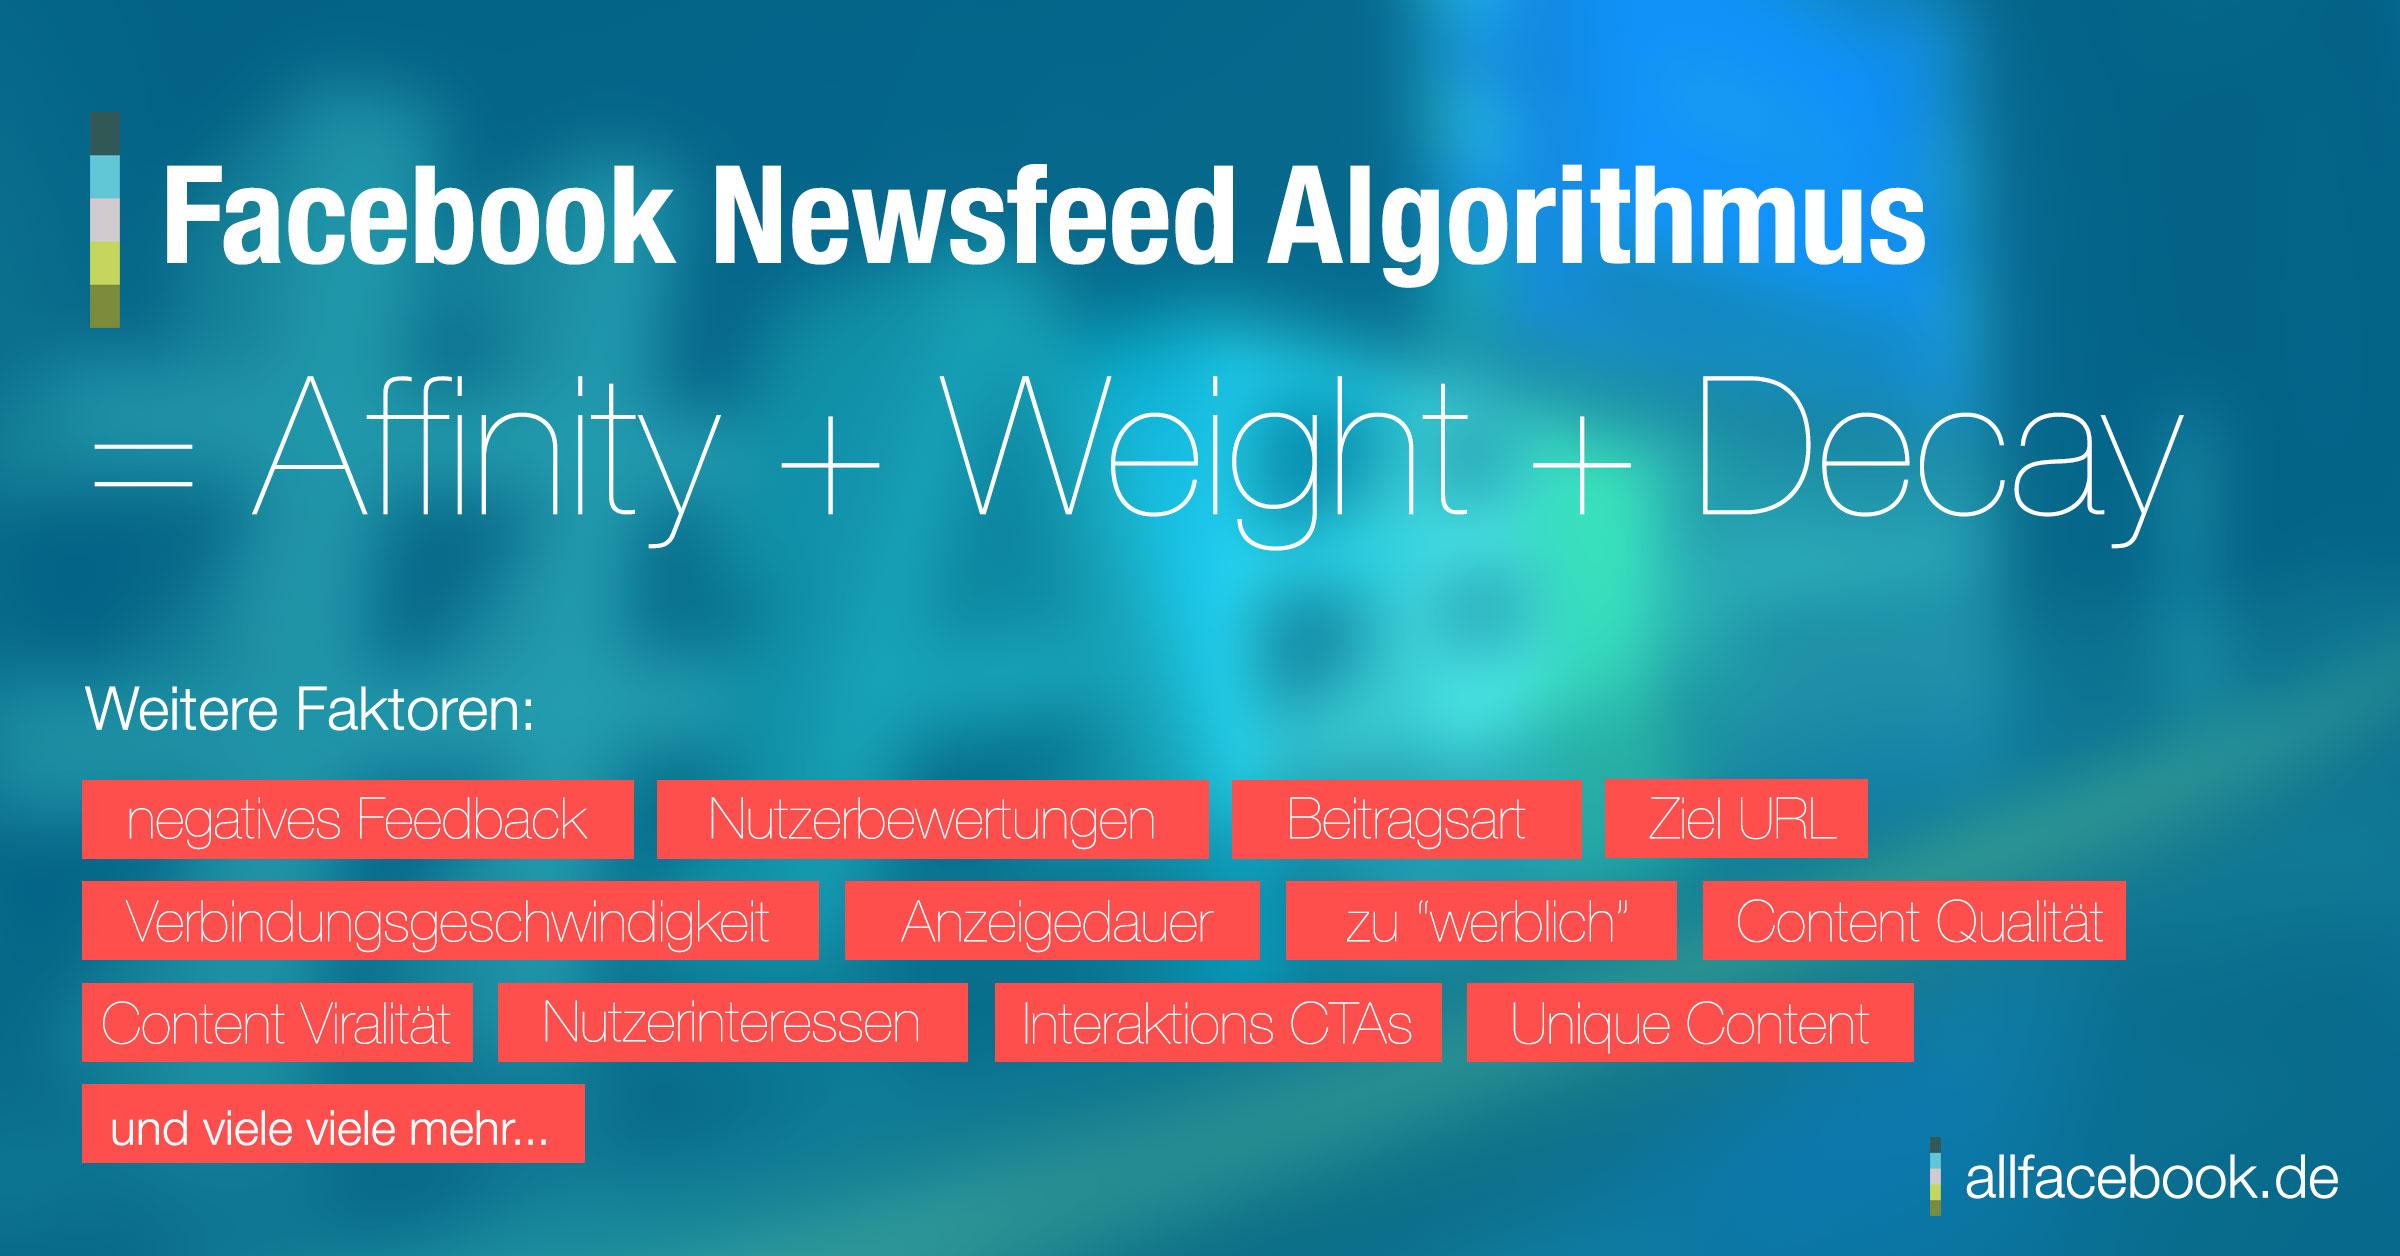 Die Einflussfaktoren des Newsfeeds Algorithmus, sie bestimmen die Reichweite von Seiten im Newsfeed.